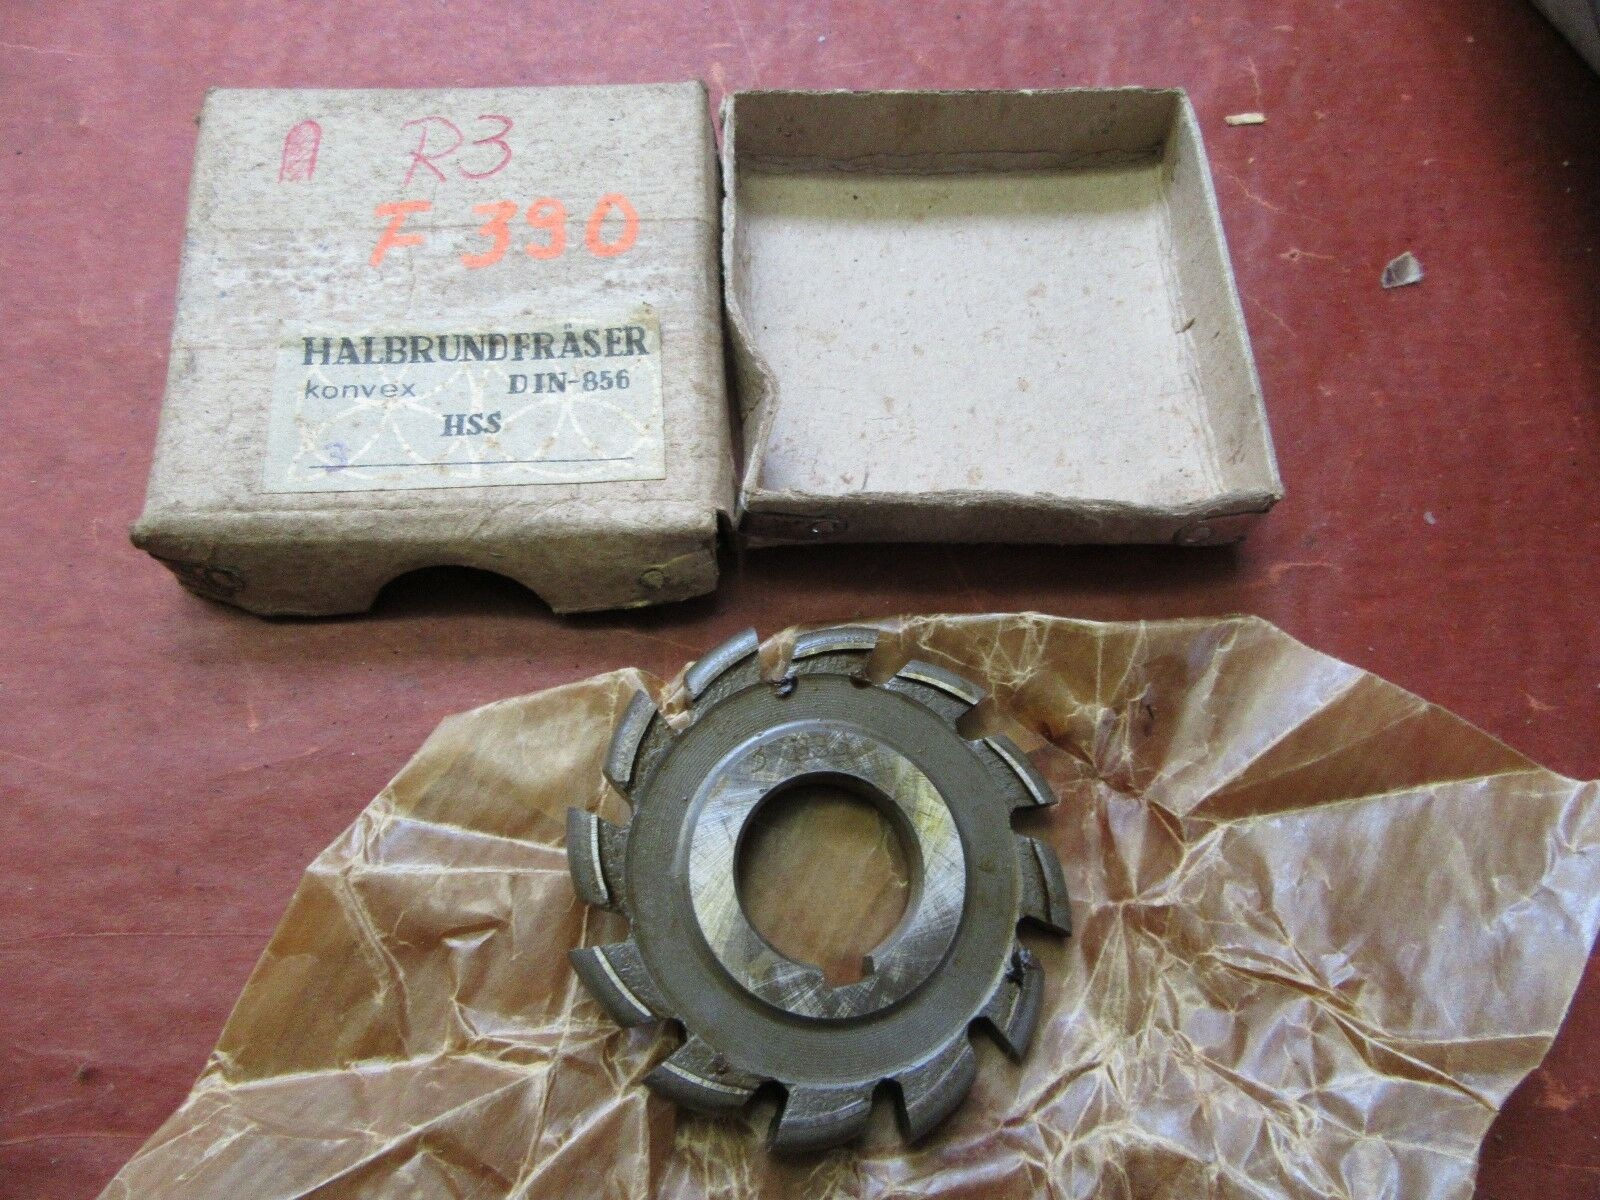 Halbkreisformfräser konvex  3HSS 63/6 Halbrundfräser Halbkreisfräser  #F390#